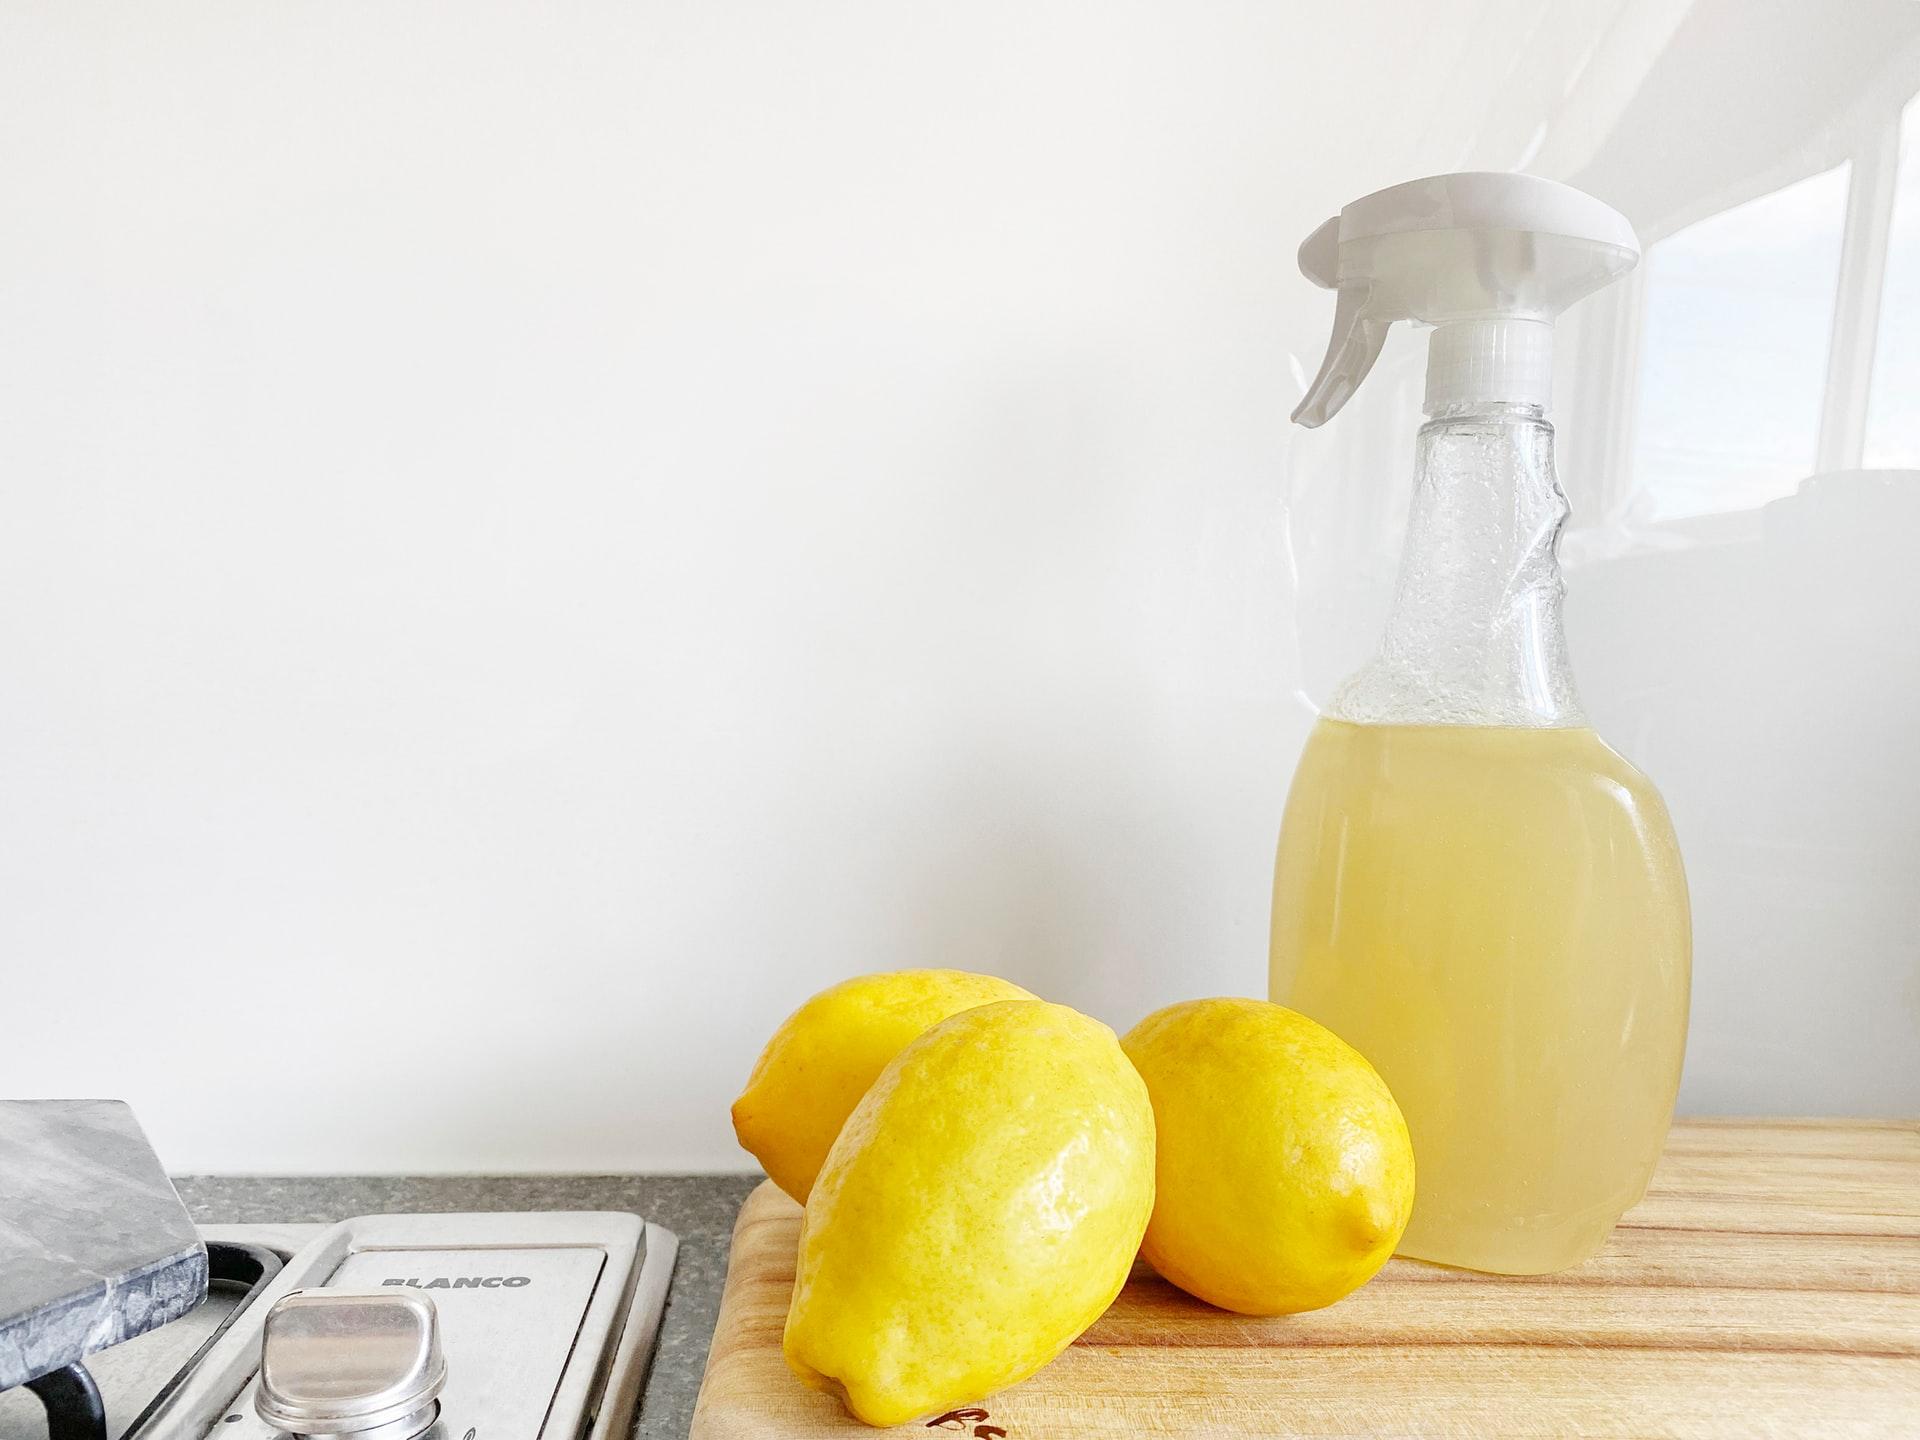 そんな毎日のキッチン掃除でガンコな汚れを簡単に落とす方法